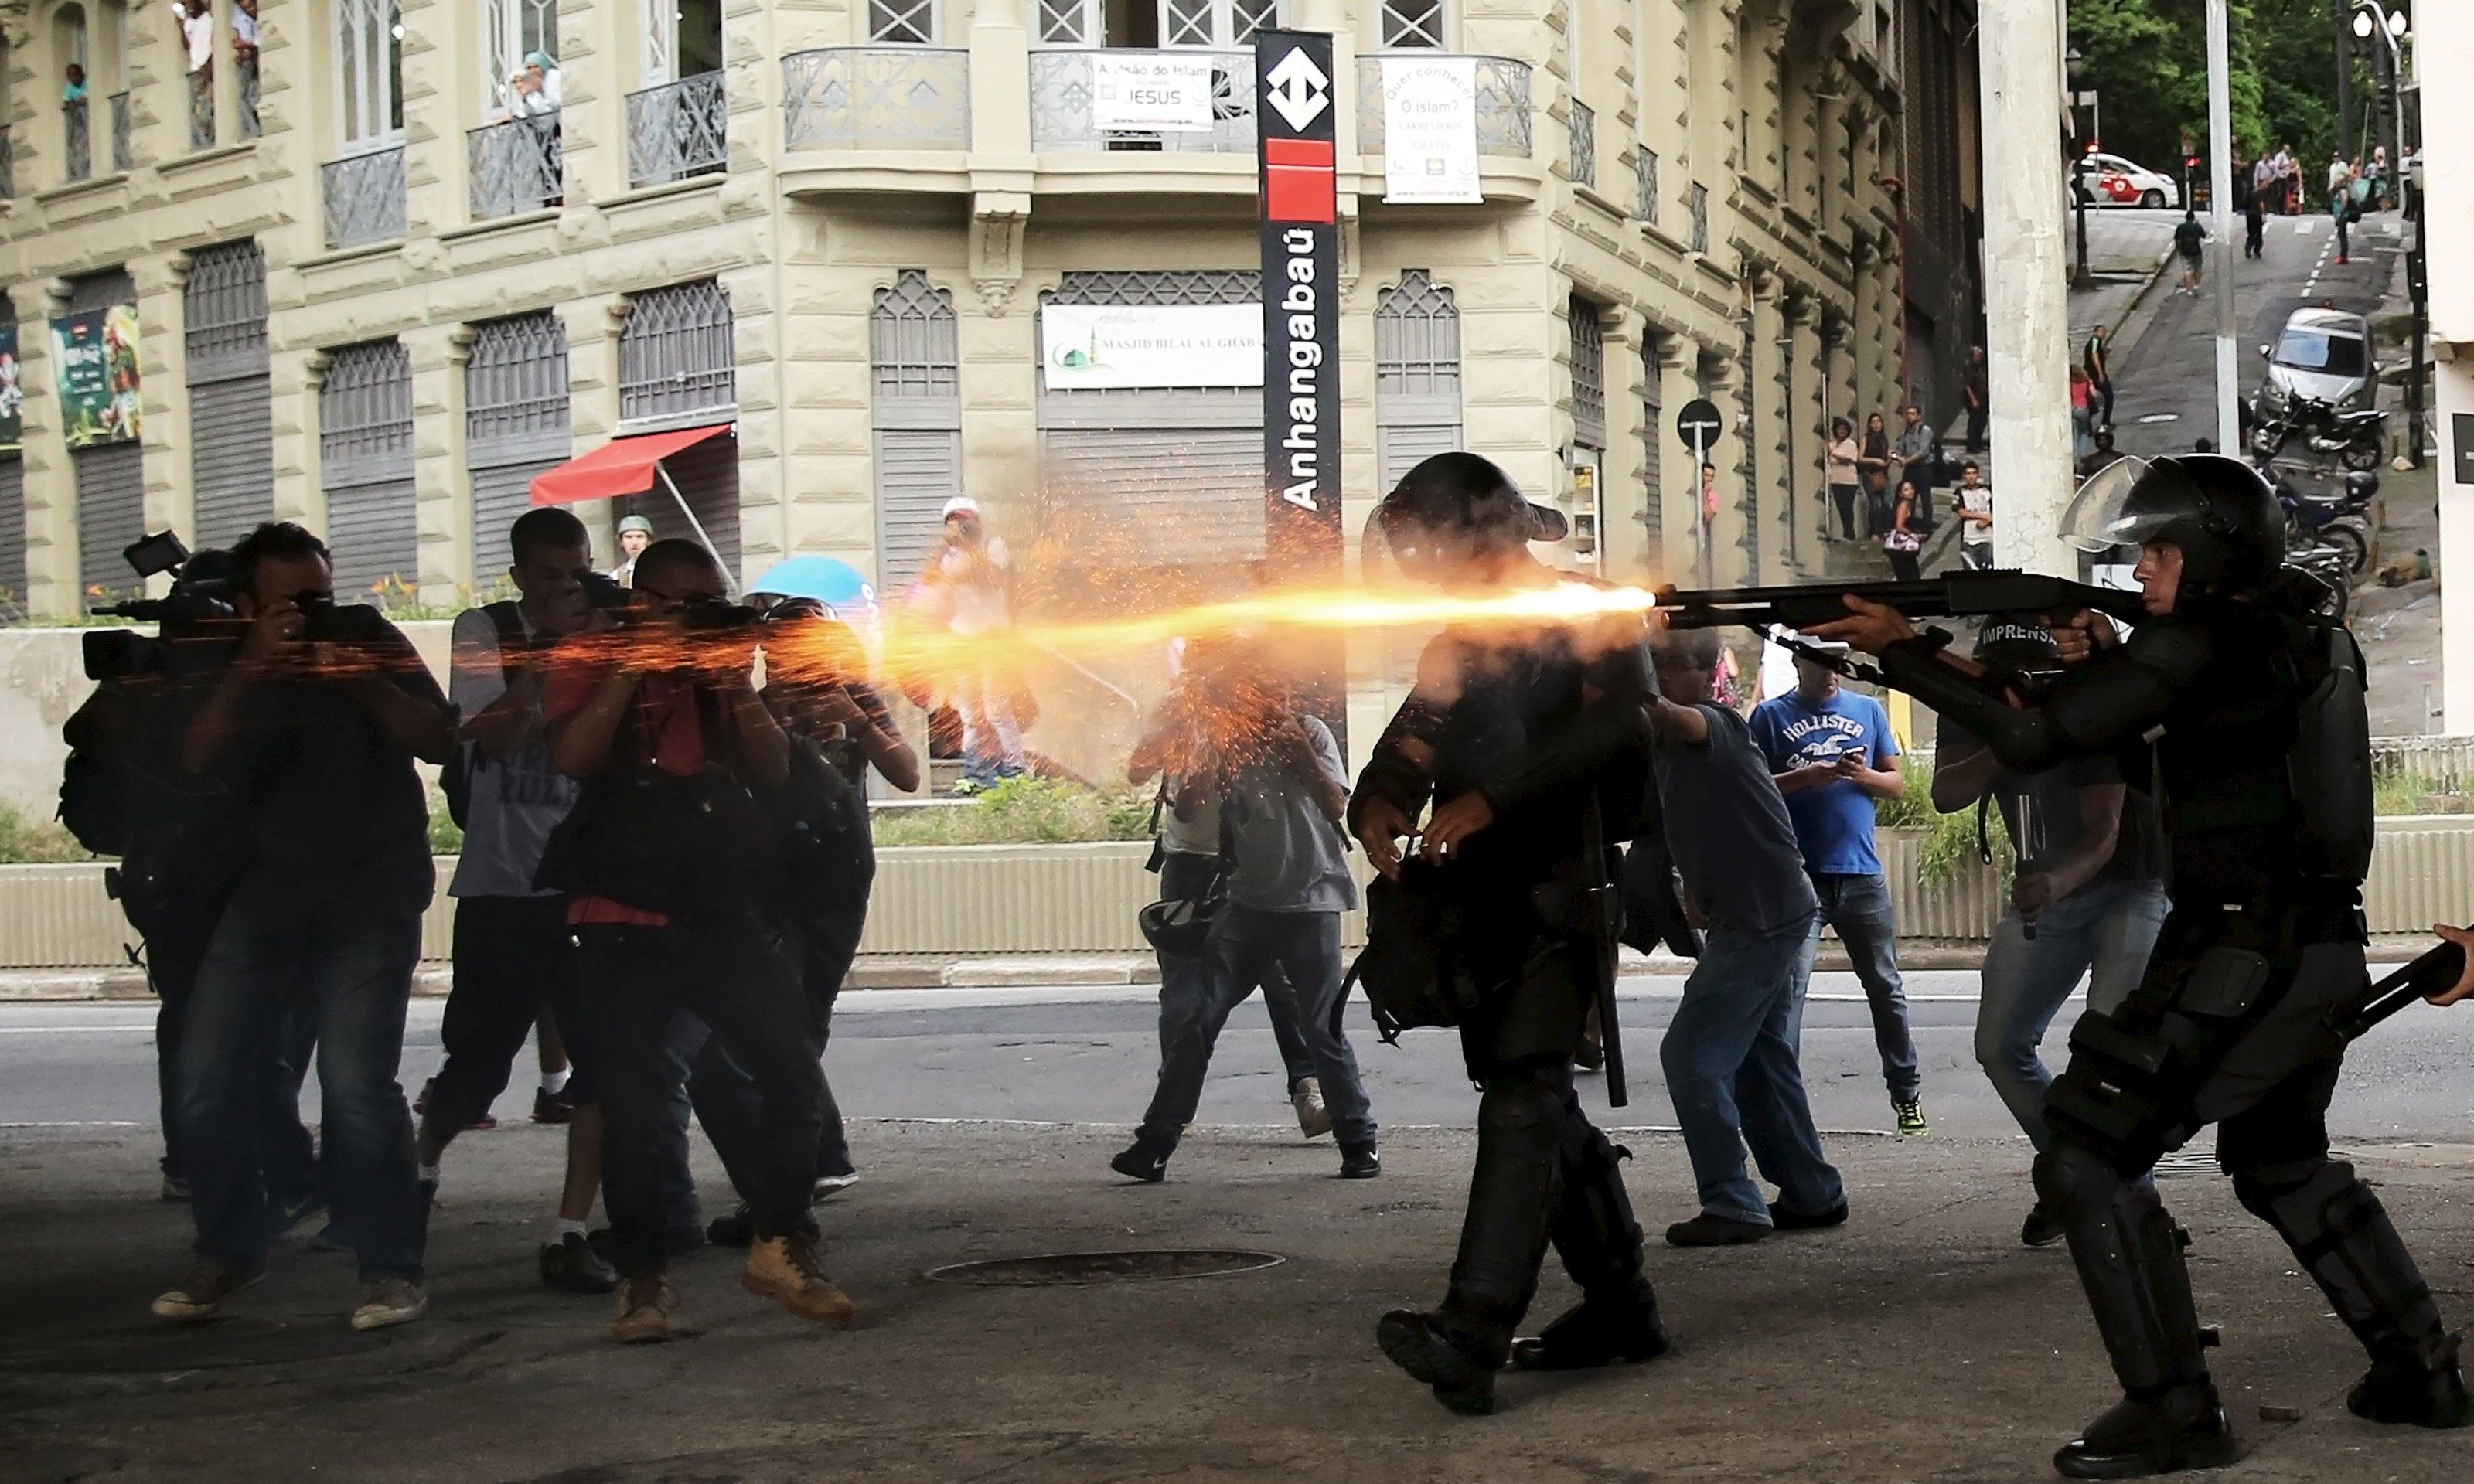 Brezilya'da toplu taşıma ücretlerine yapılan zamlara karşı eylem